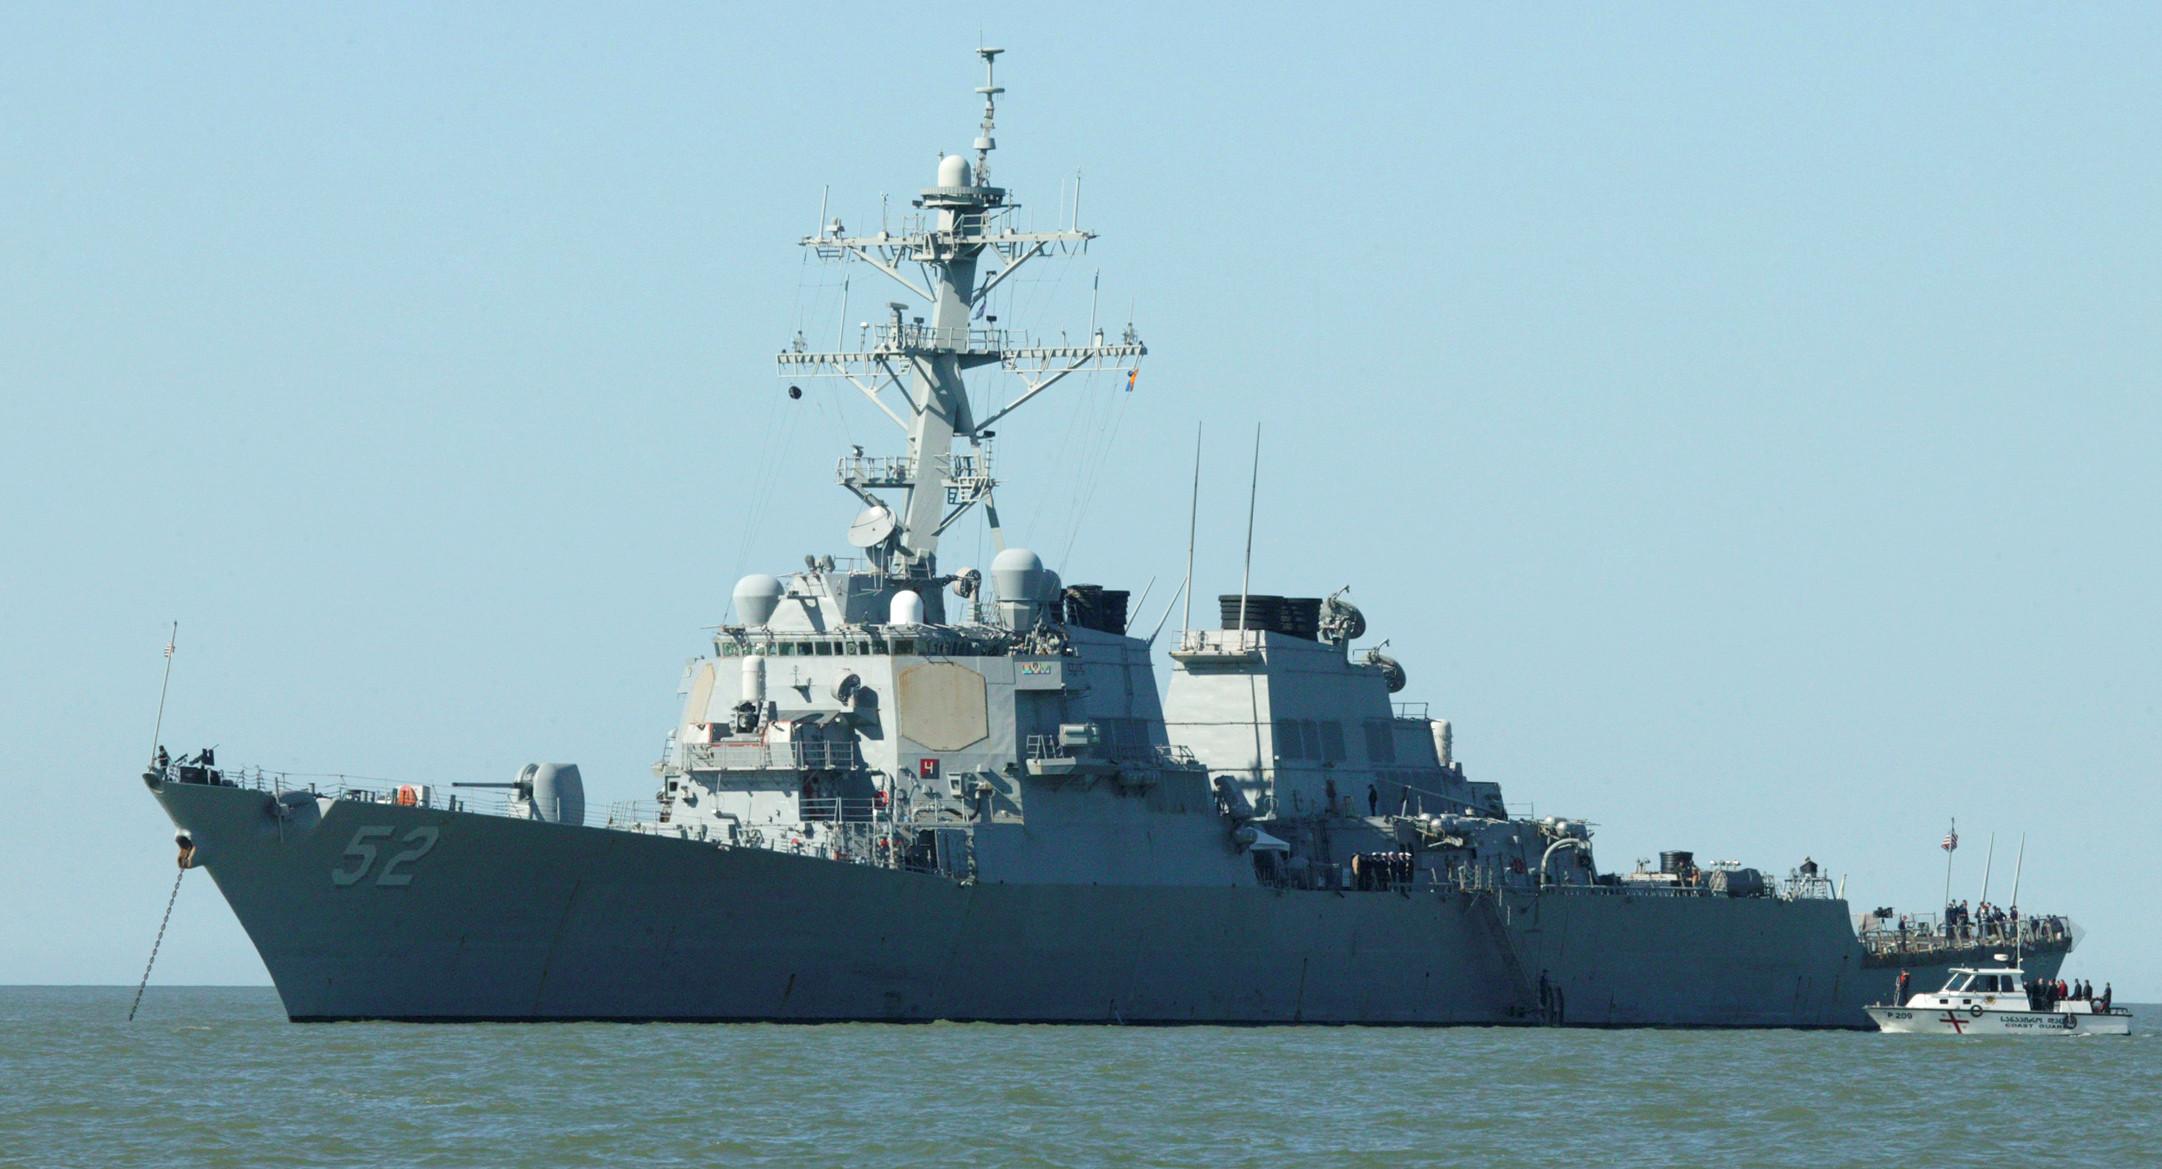 ▲▼貝瑞號驅逐艦(USS Barry DDG-52)編在美軍第六艦隊旗下。(圖/達志影像/美聯社)